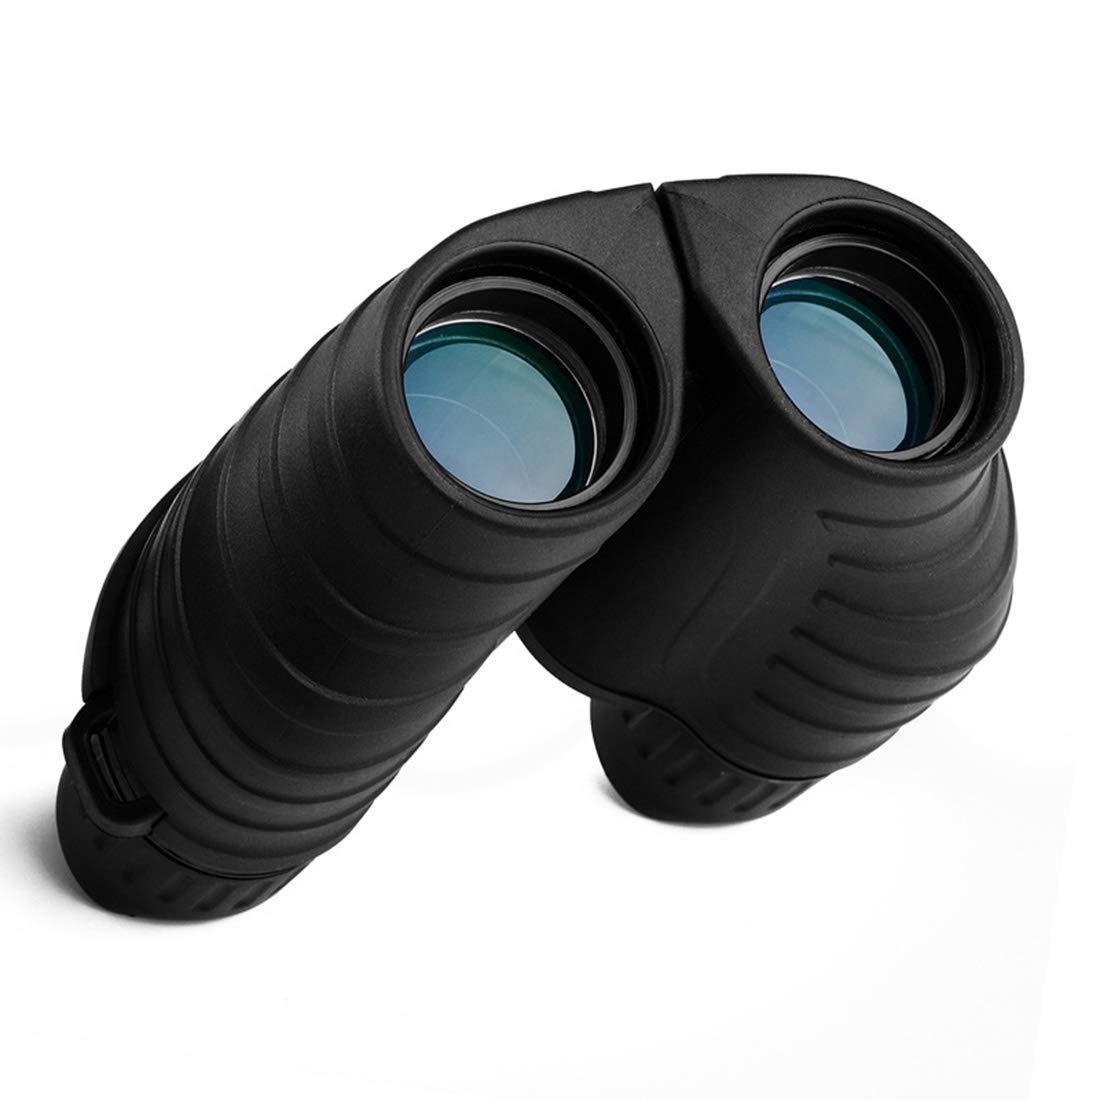 割引 KERVINJESSIE HD双眼鏡 10X25 広角ポータブルバードウォッチング望遠鏡 アウトドア用  ブラック B07L8DFQZS, ピンクシュガー 7a856a68